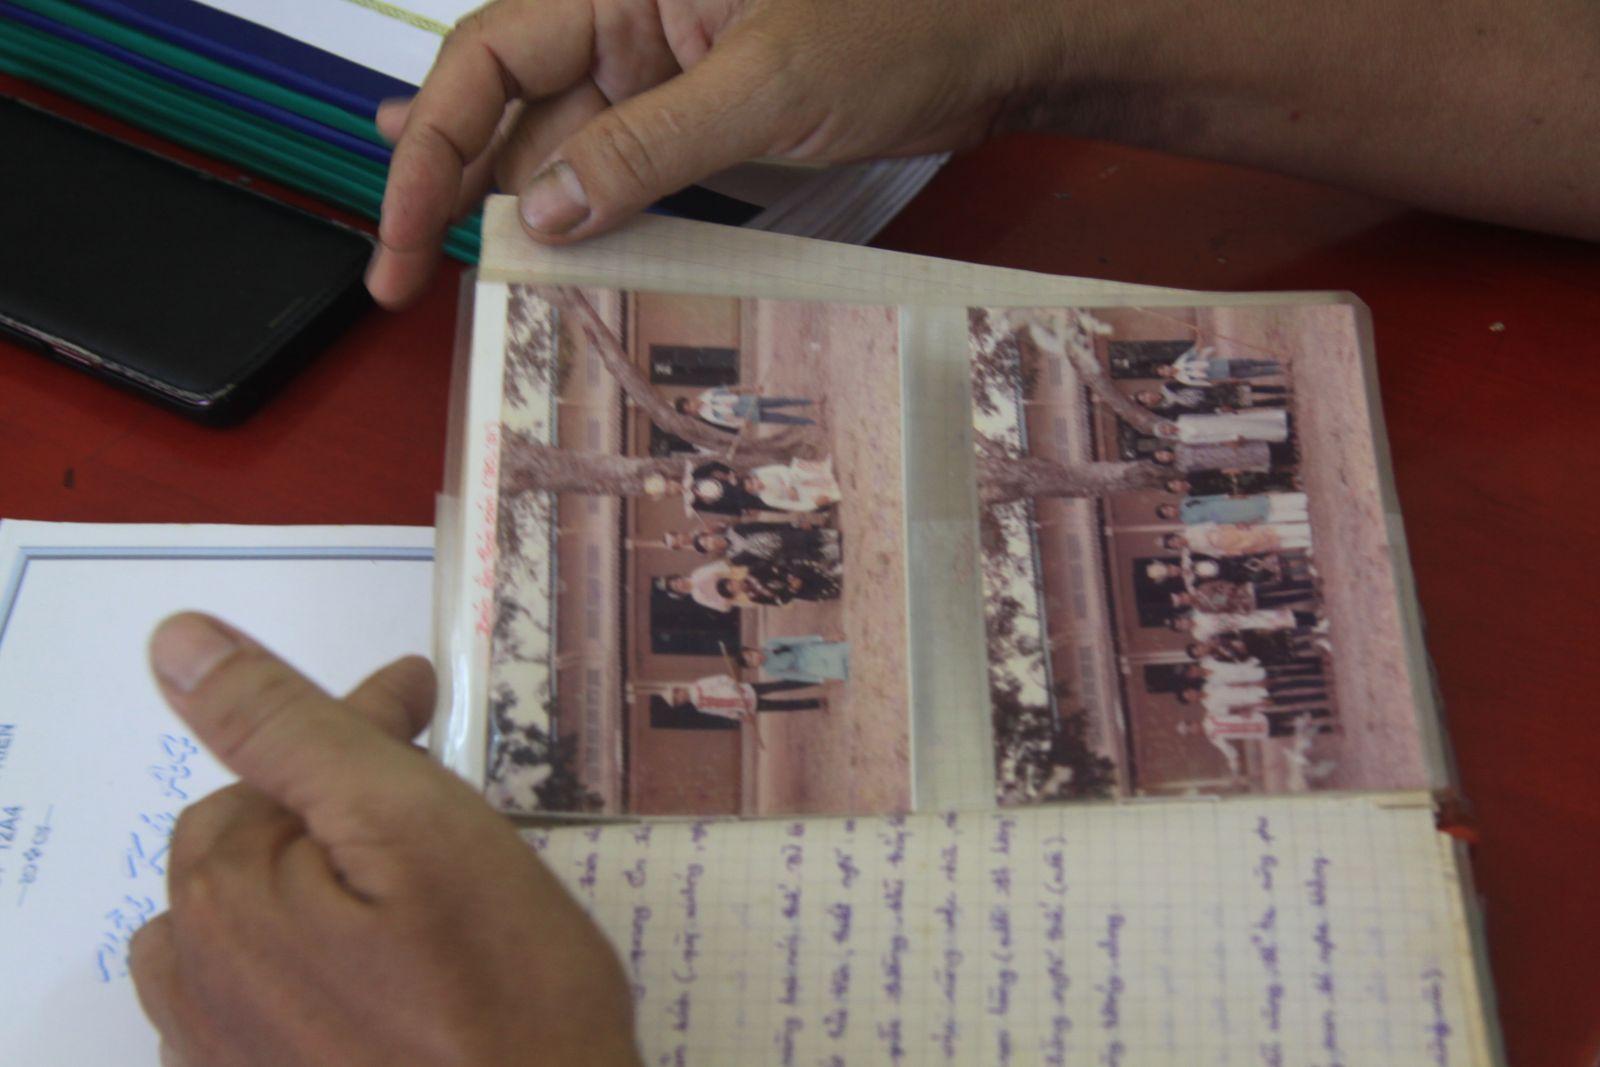 Những kỷ niệm của thầy Nguyễn Trọng Hoàng về các hoạt động ngoại khóa của học sinh, trong đó có hoạt động hò đối đáp